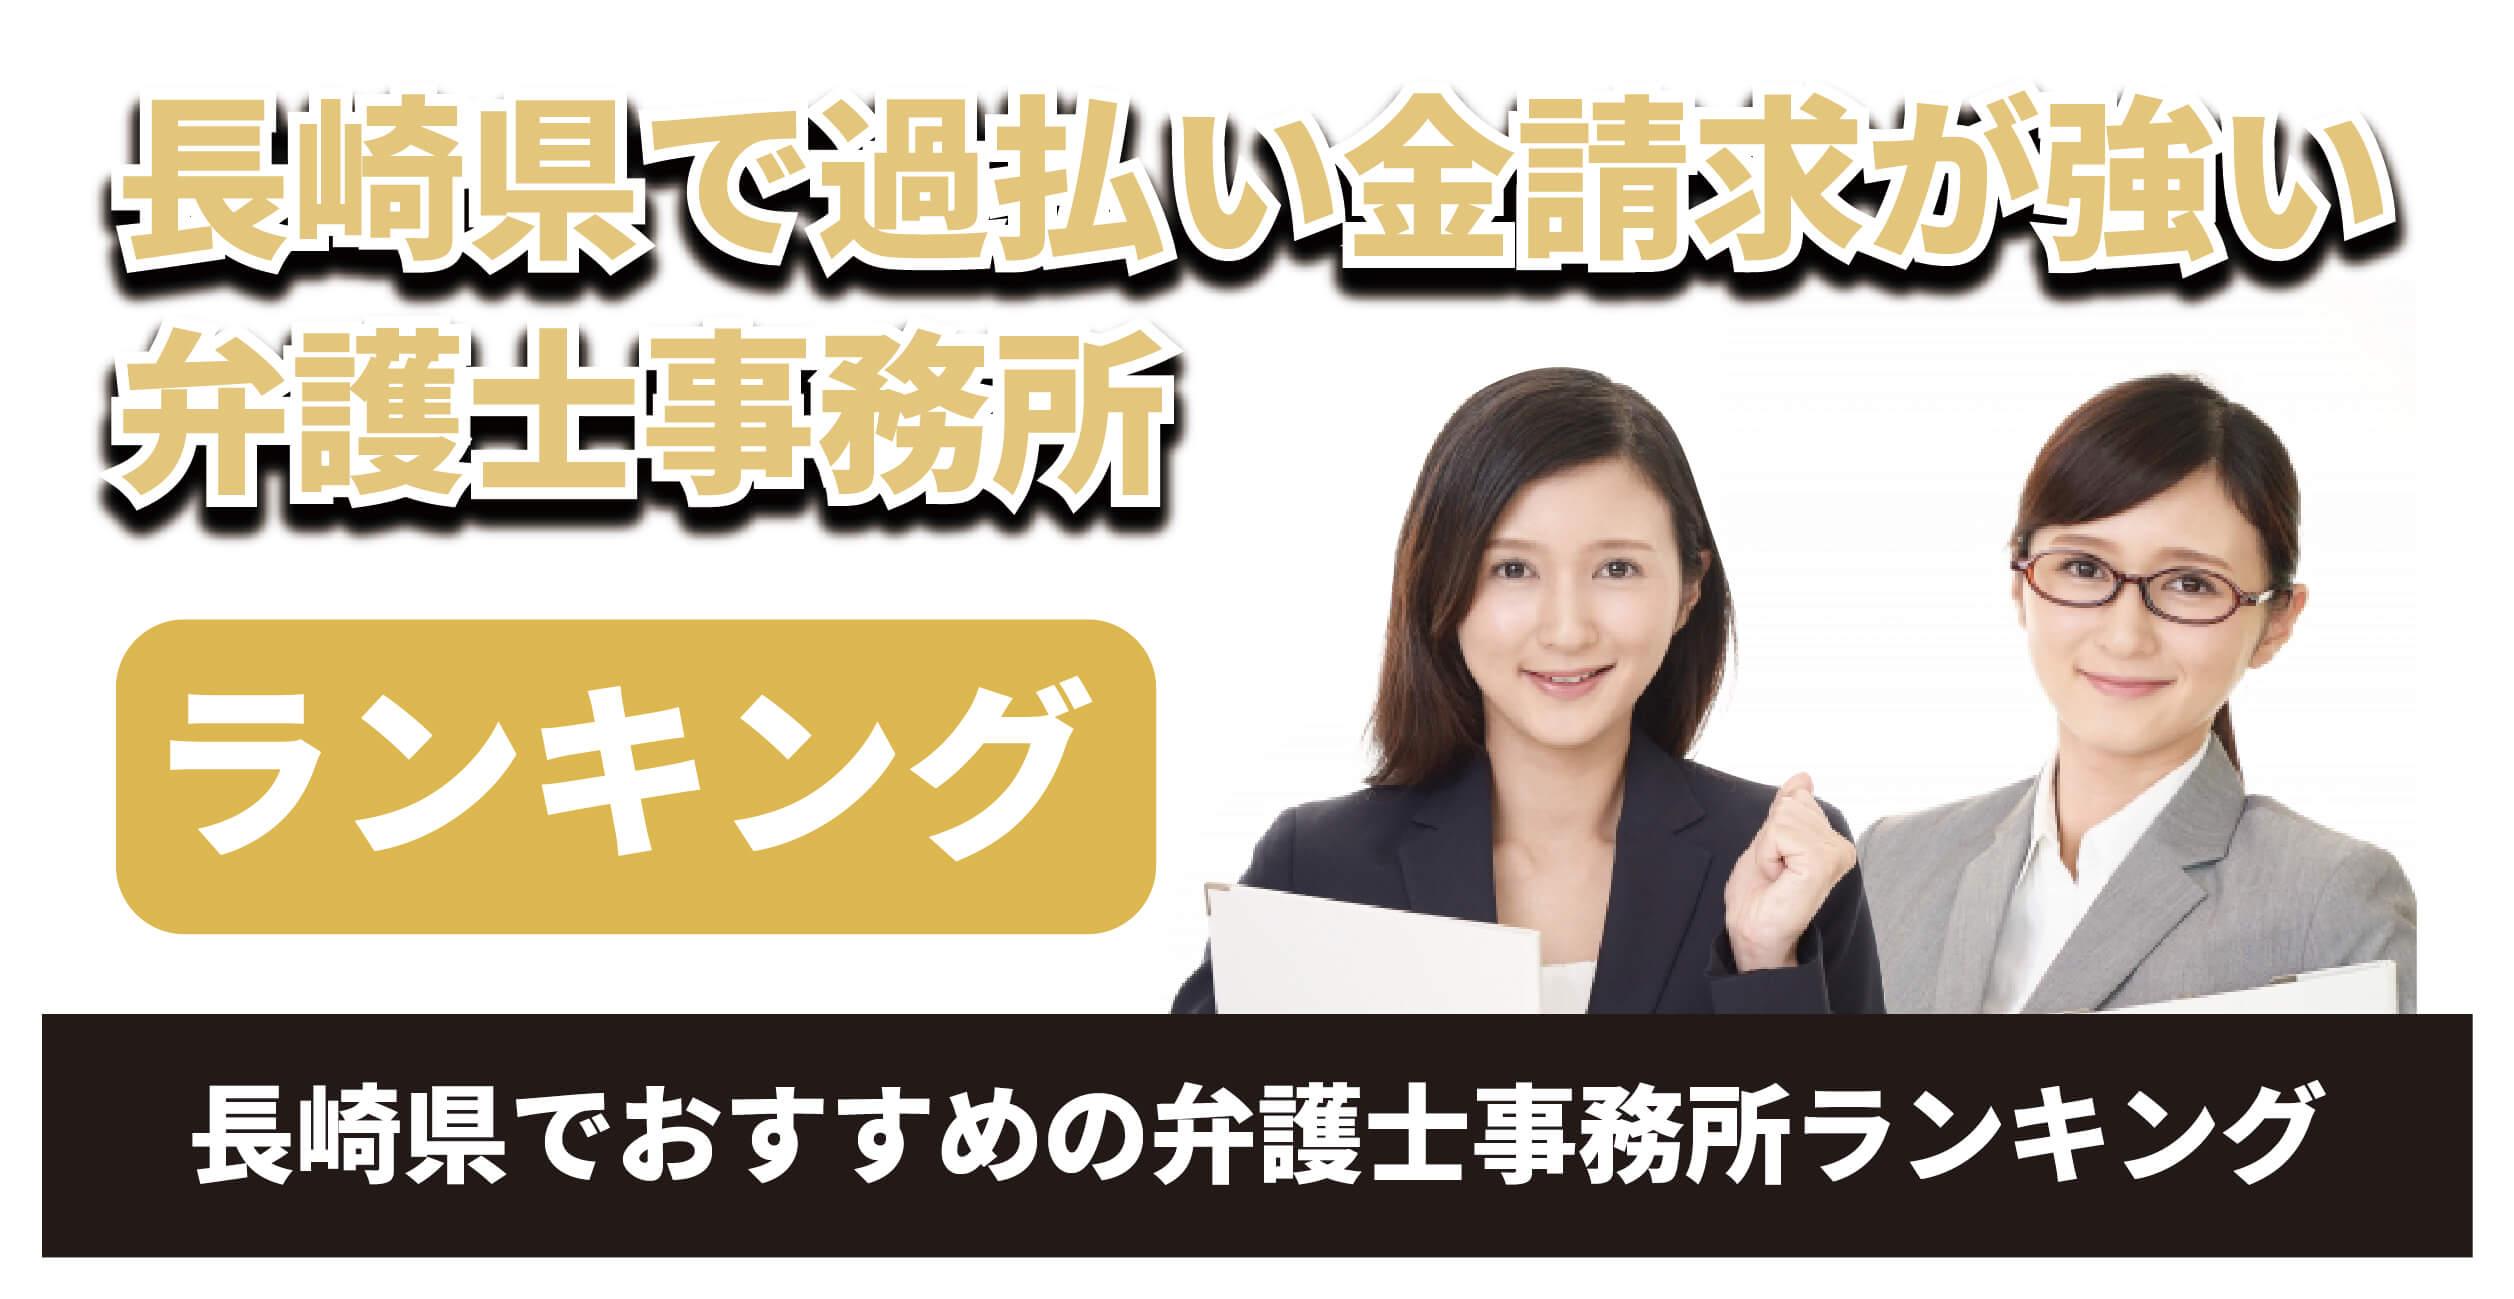 長崎県で過払い金請求が強い弁護士事務所